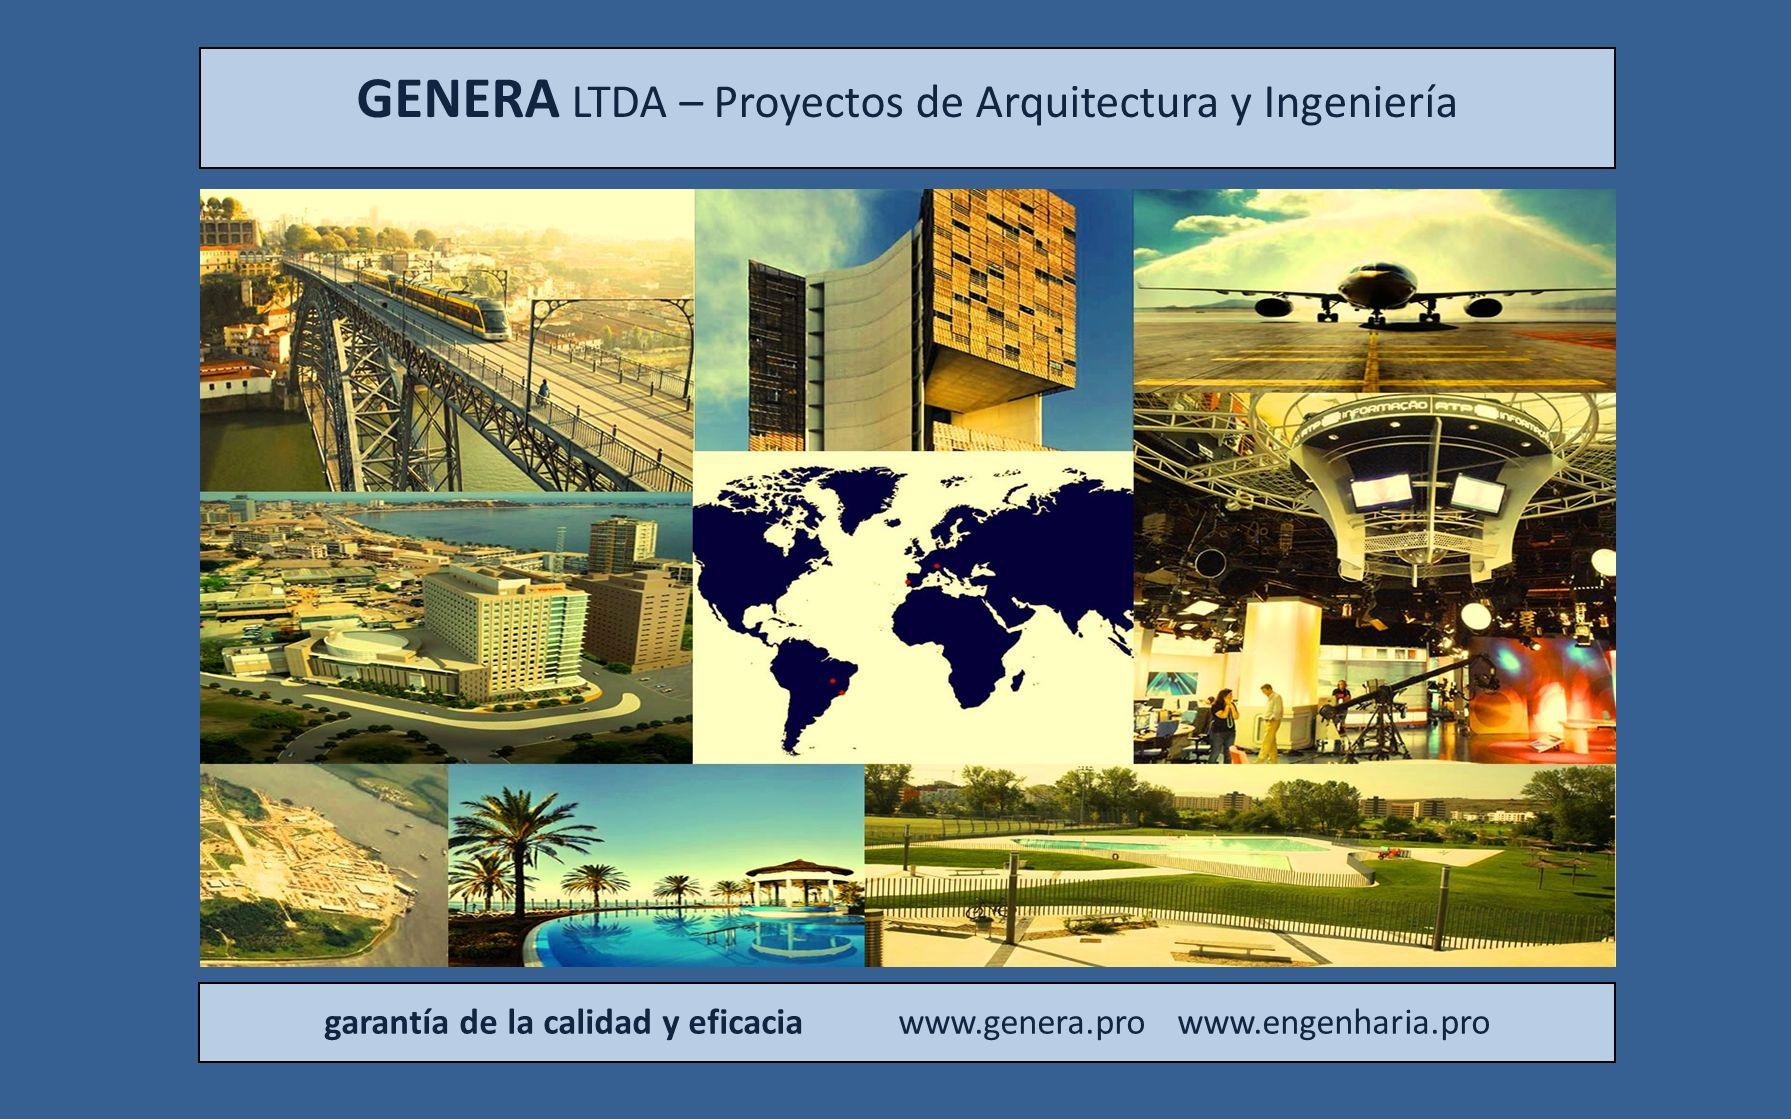 GENERA LTDA – Proyectos de Arquitectura y Ingeniería